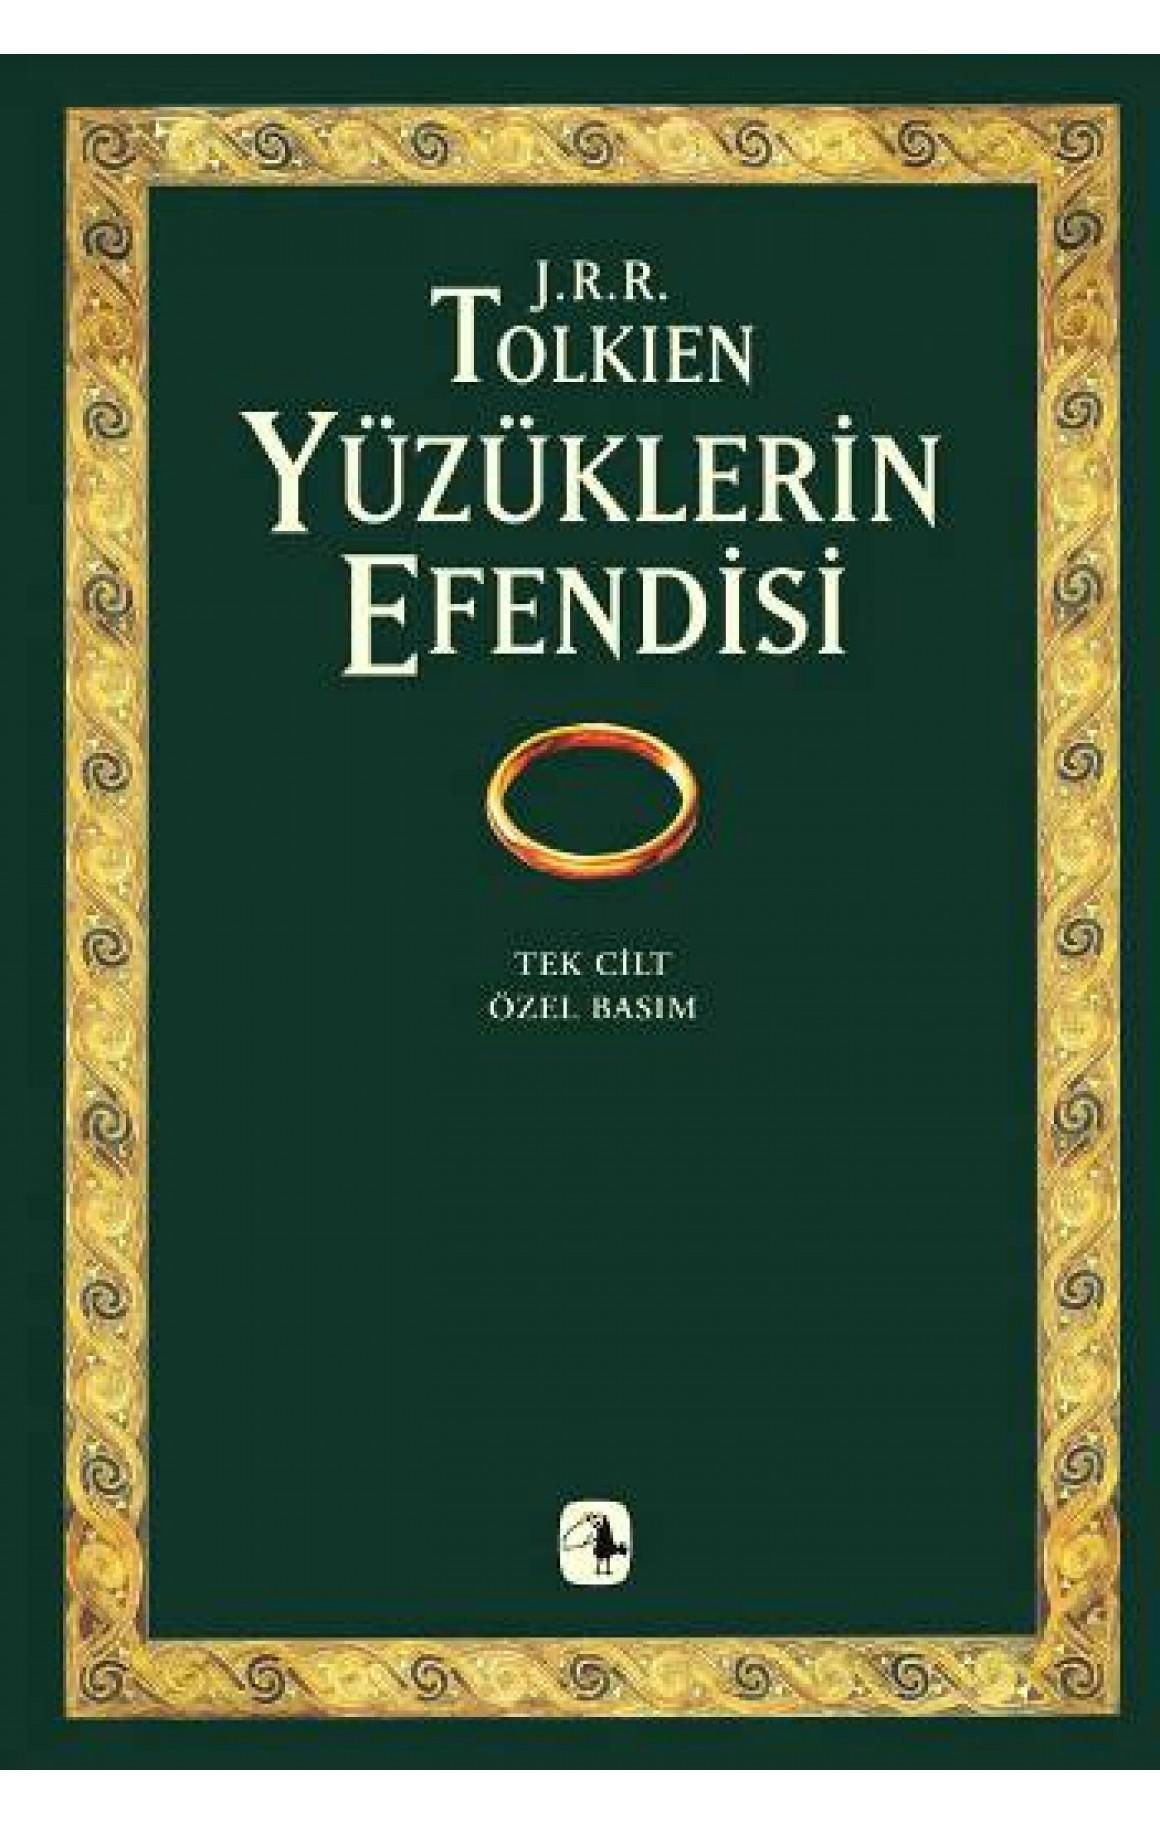 JRR Tolkien - Yüzüklerin Efendisi